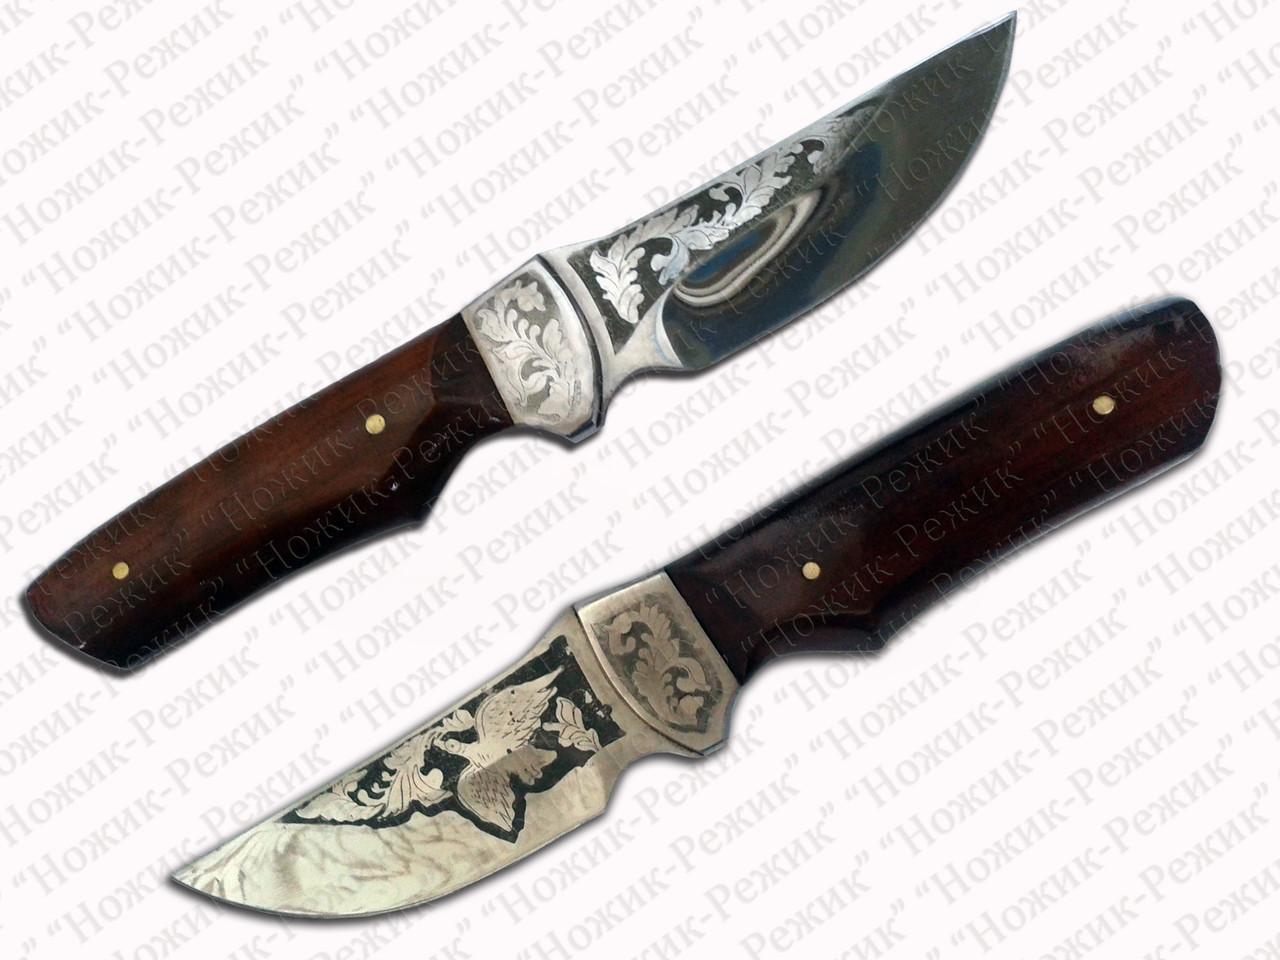 Охотничий нож, ножи для туризма и охоты, ножи для туризма и рыбалки, ножи для кемпинга, нож ручной работы